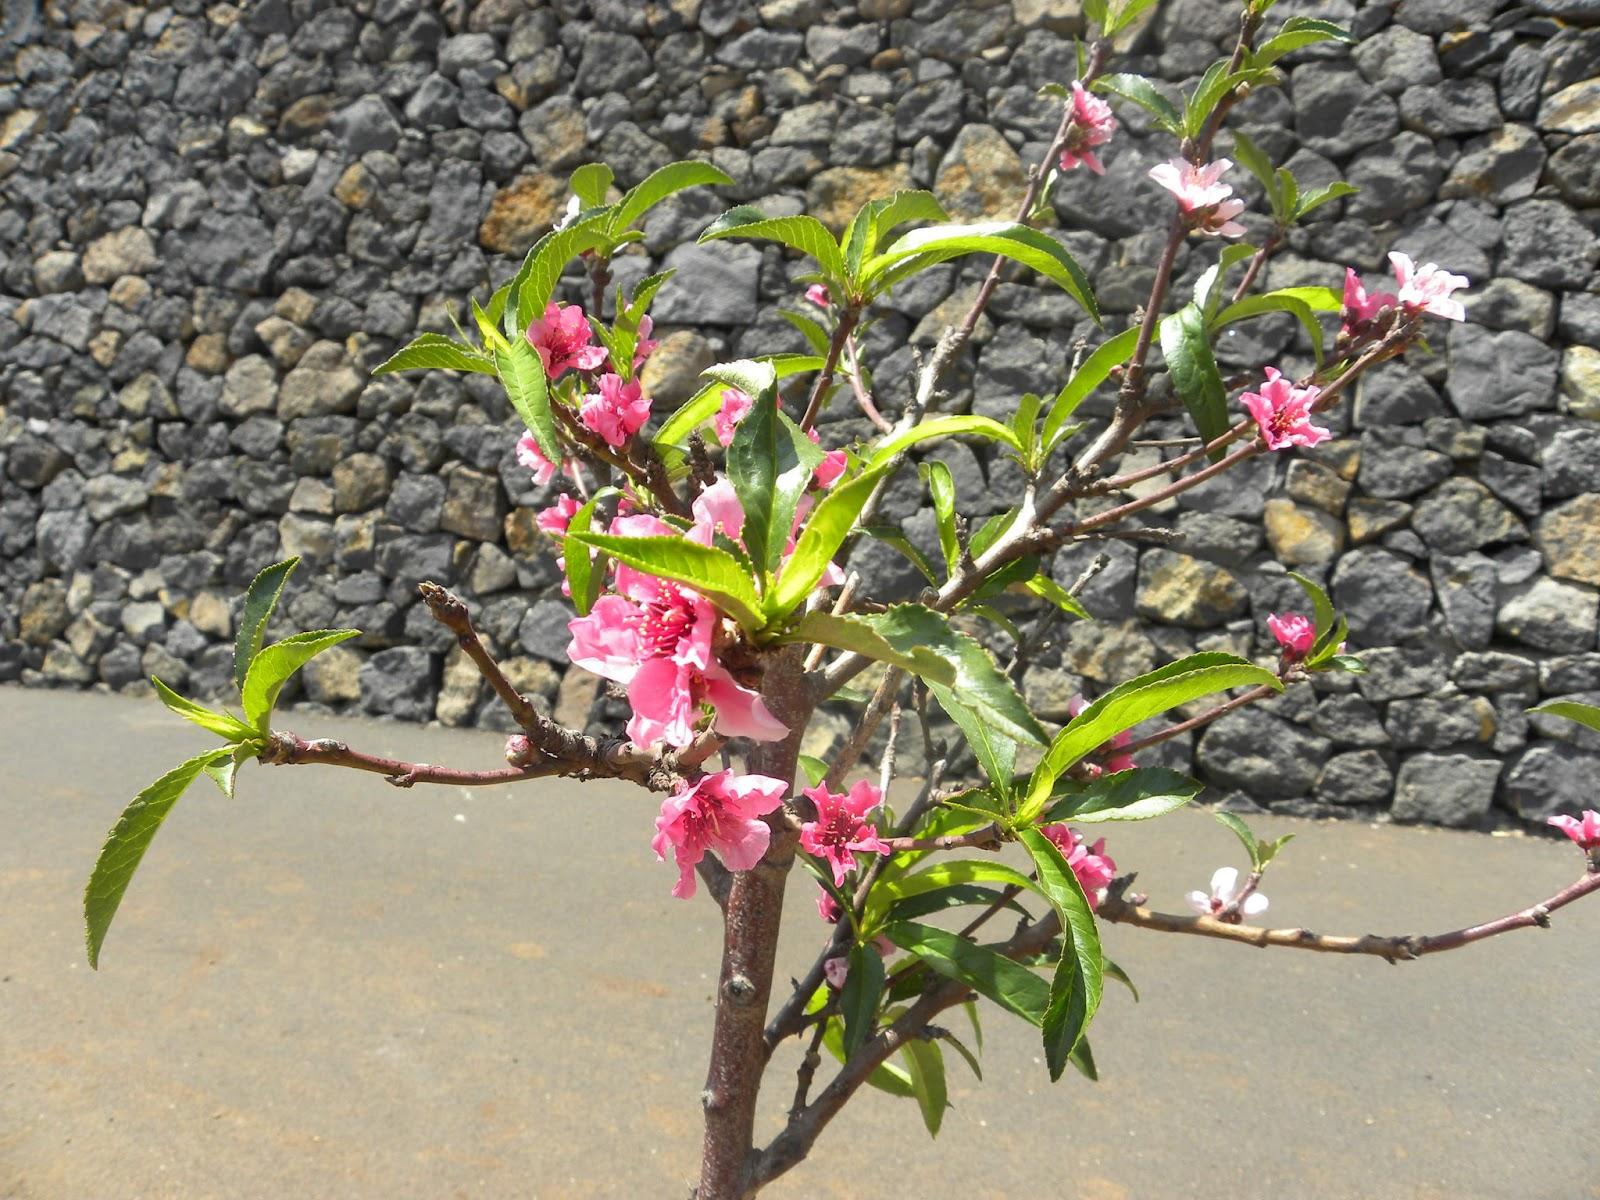 Miguel mederos mi querido pupitre bonitas flores en el for Asociacion de plantas en el huerto